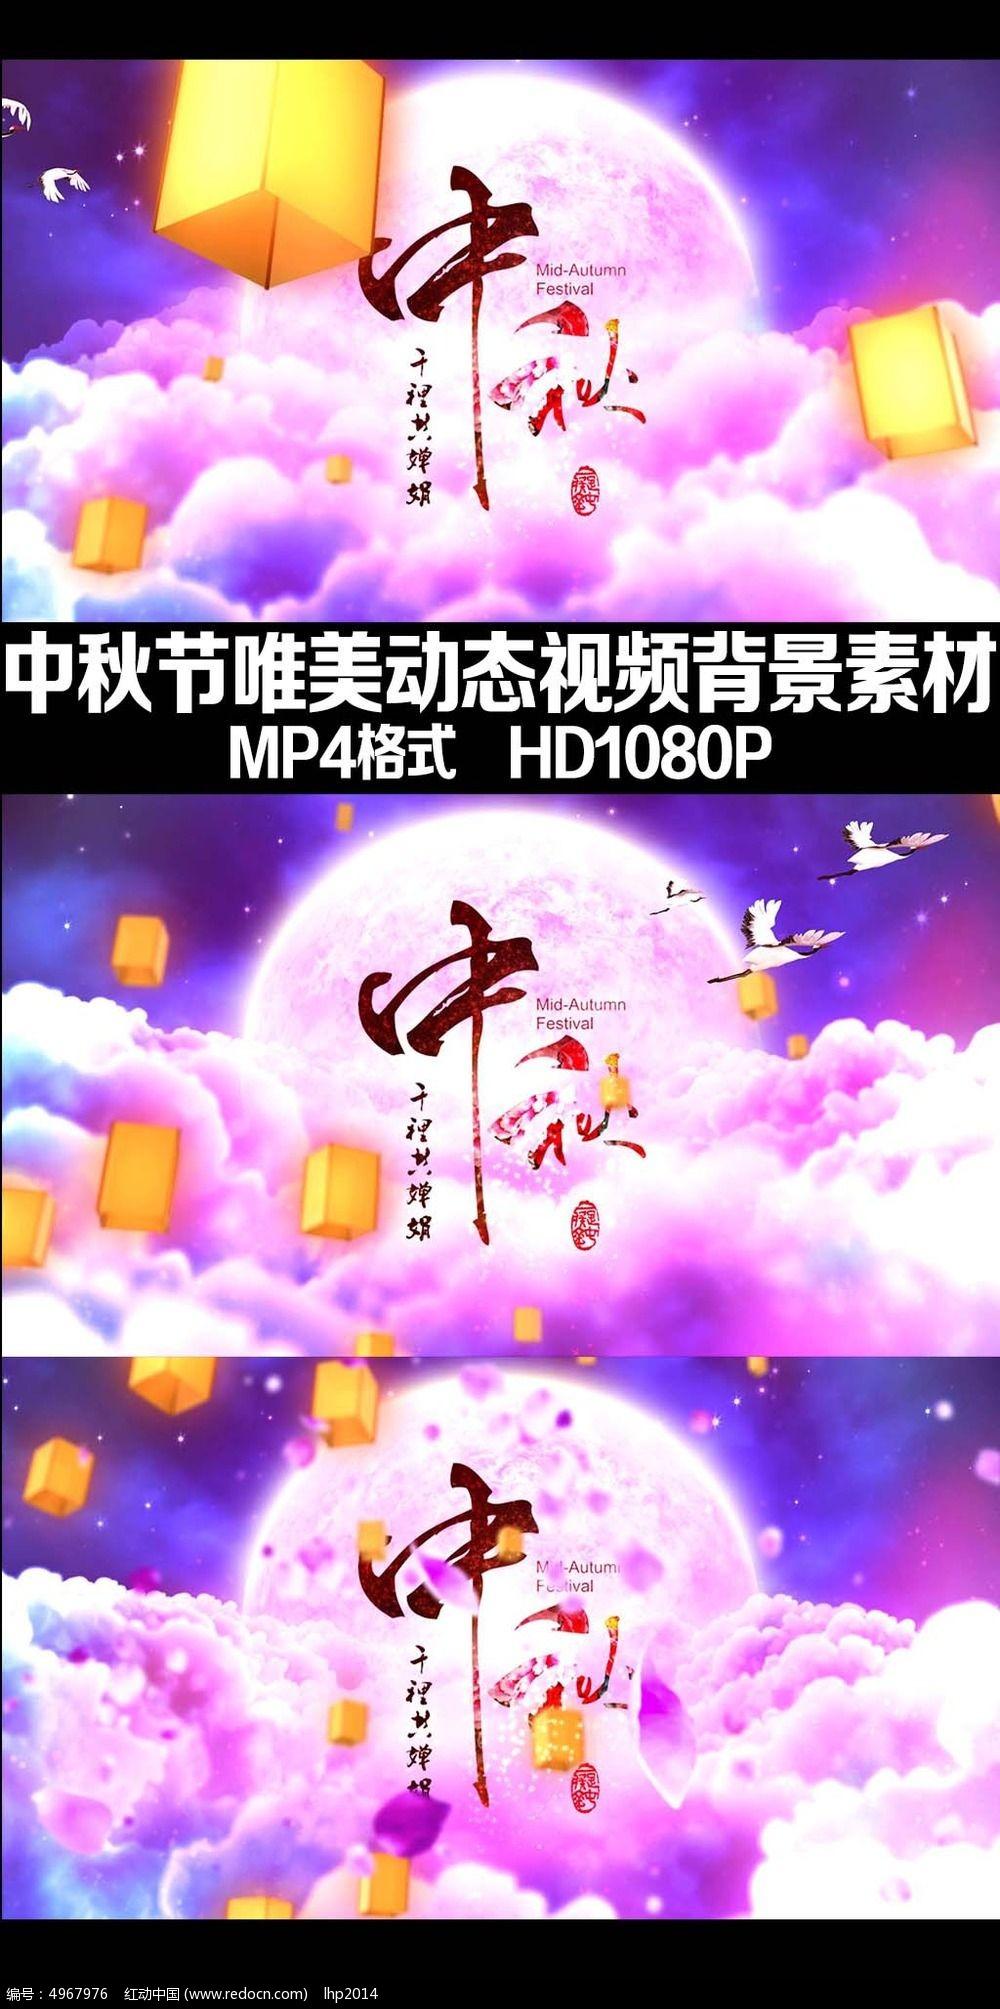 庆祝中秋节动态素材背景视频